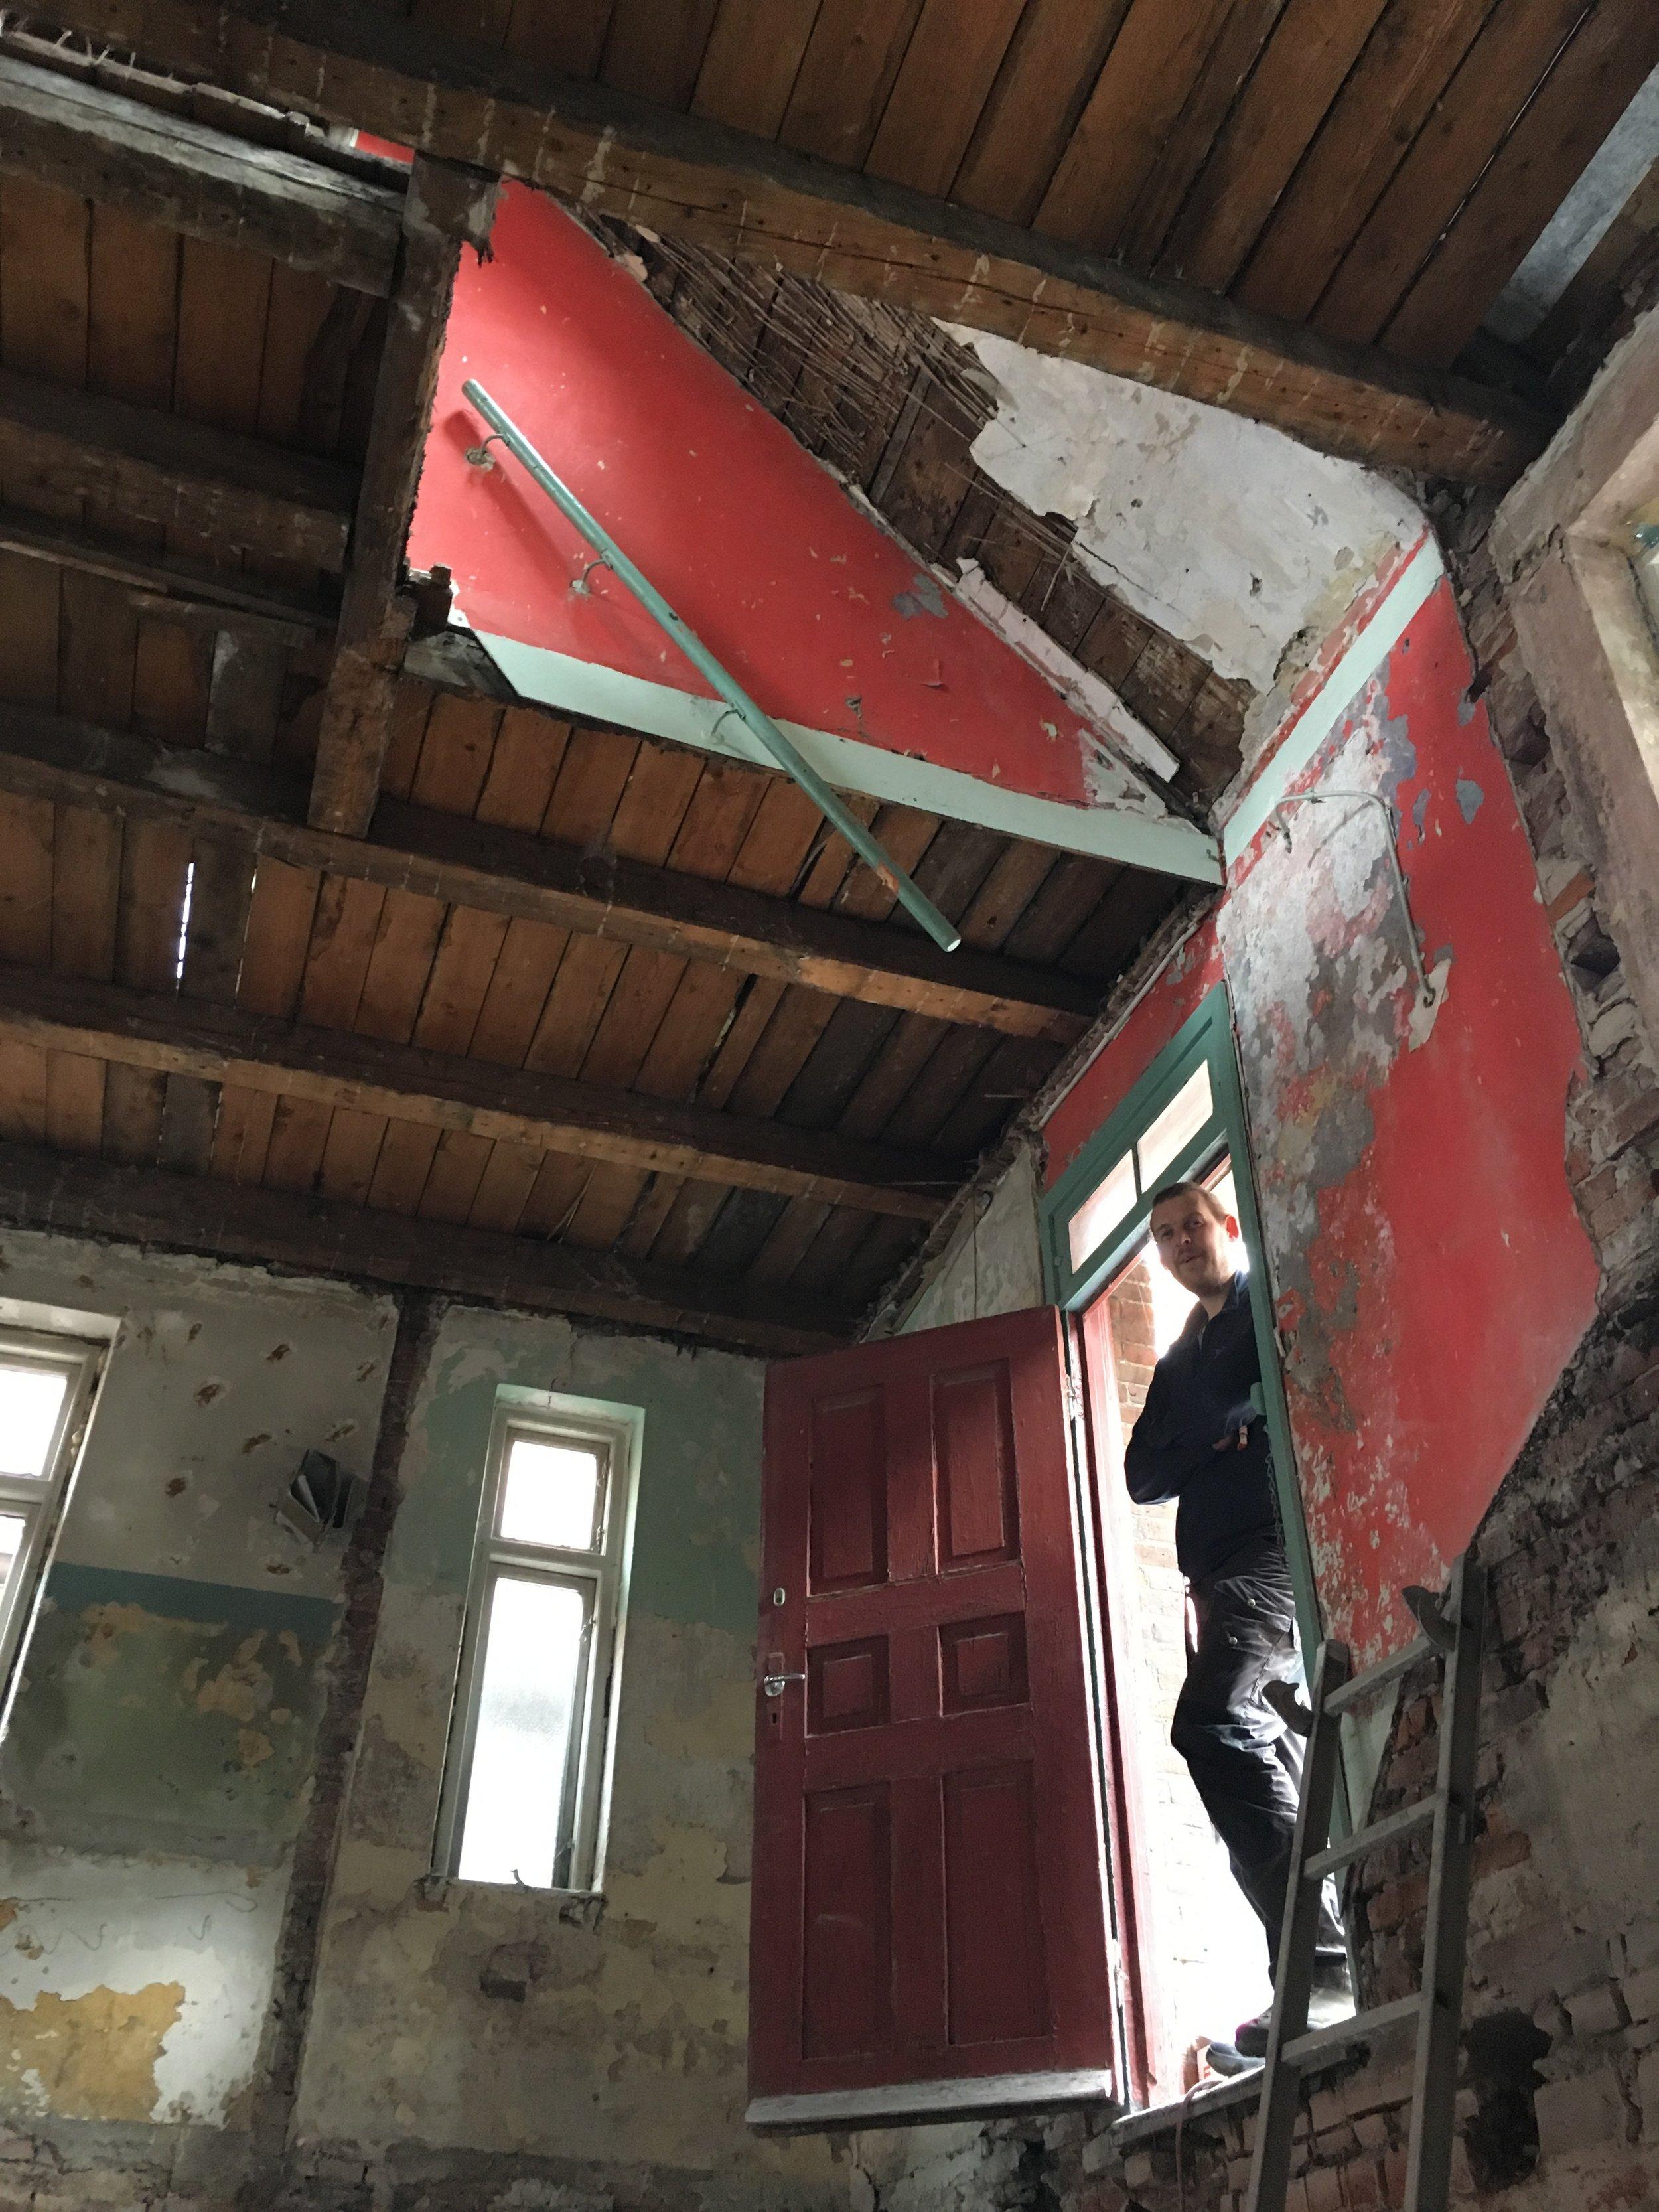 Valdemar fra Mureren.nu danner sig et overblik i døråbningen til det der engang var stueplan, men som her er indgangen til huset som under dele af renoveringen, mange steder, står uden dæk imellem etagerne.